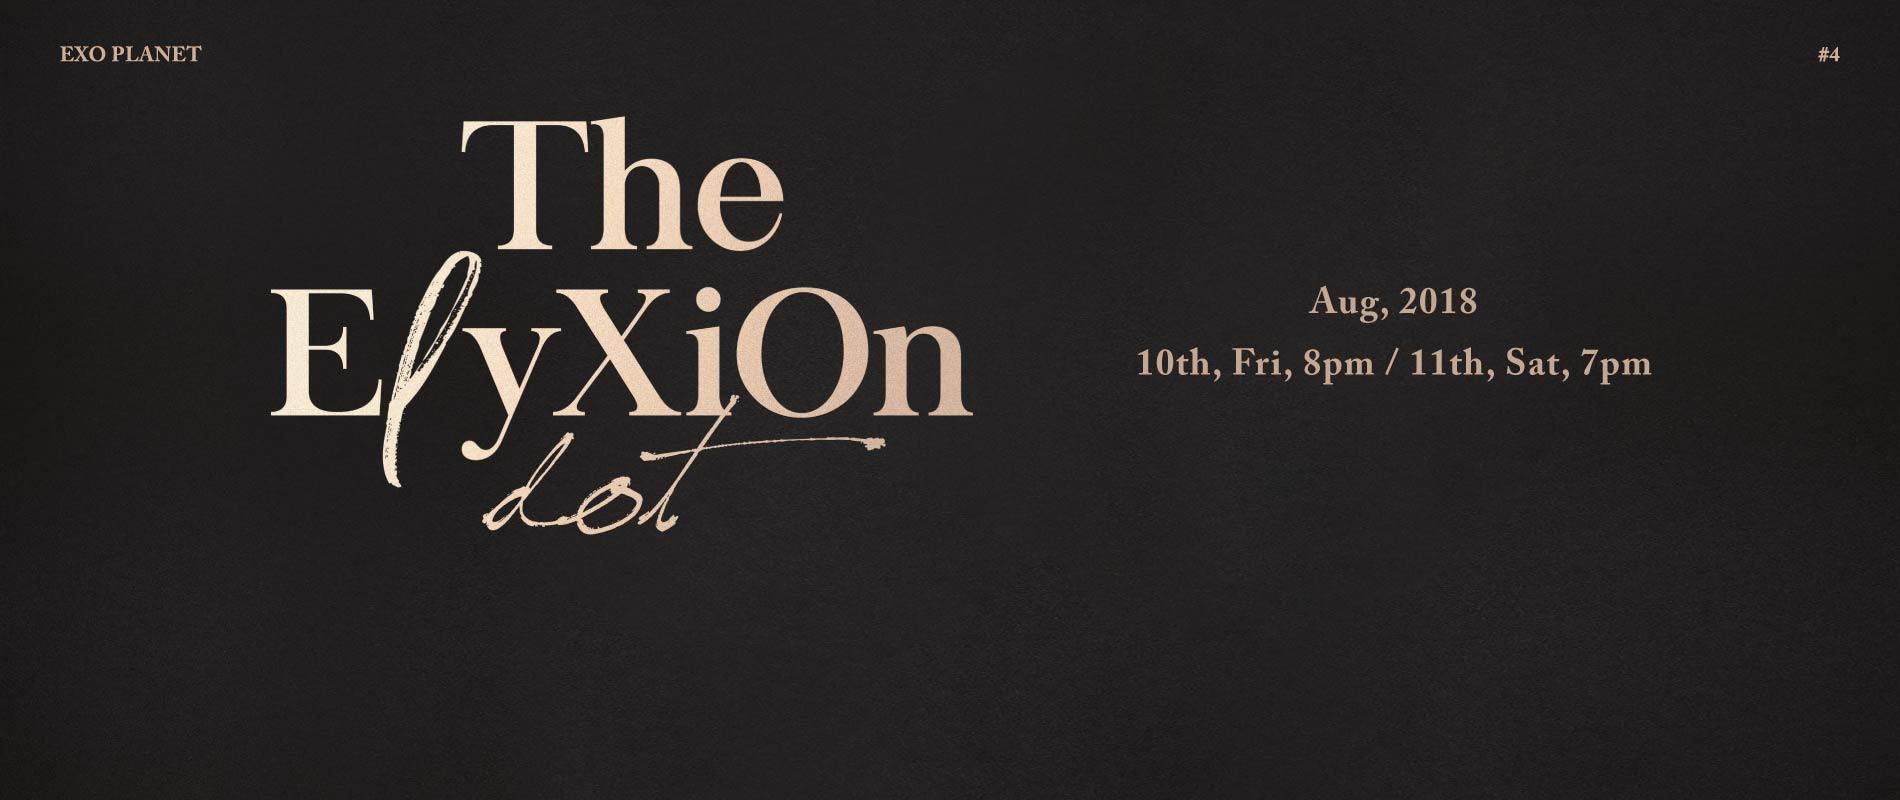 EXO PLANET #4 - THE E?YXION [DOT] - 澳门威尼斯人金光综艺馆